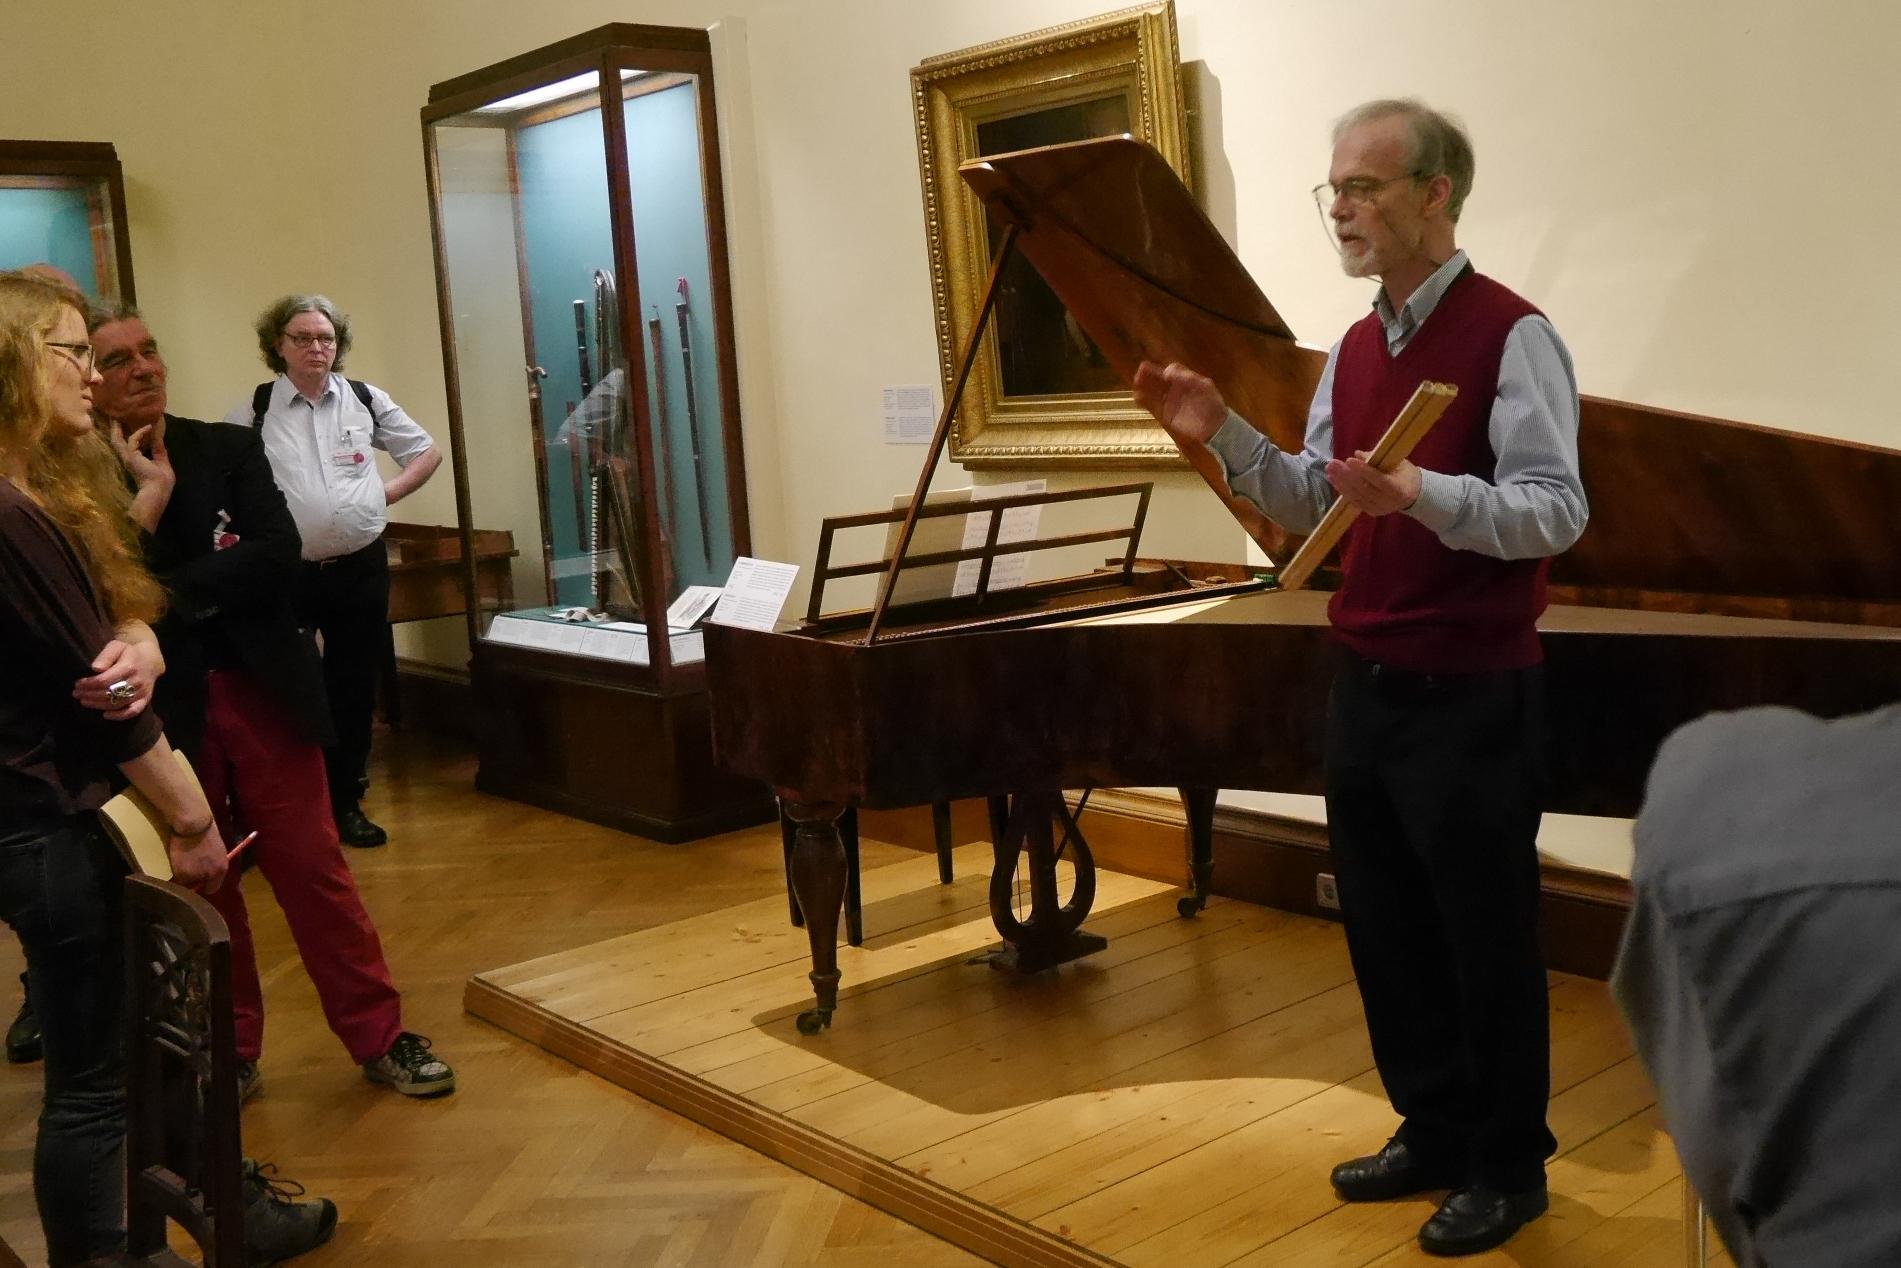 Alfons Huber führt durch die Sammlung alter Musikinstrumente des Kunsthistorischen Museums Wien (Foto: Susanne Wittmayer)